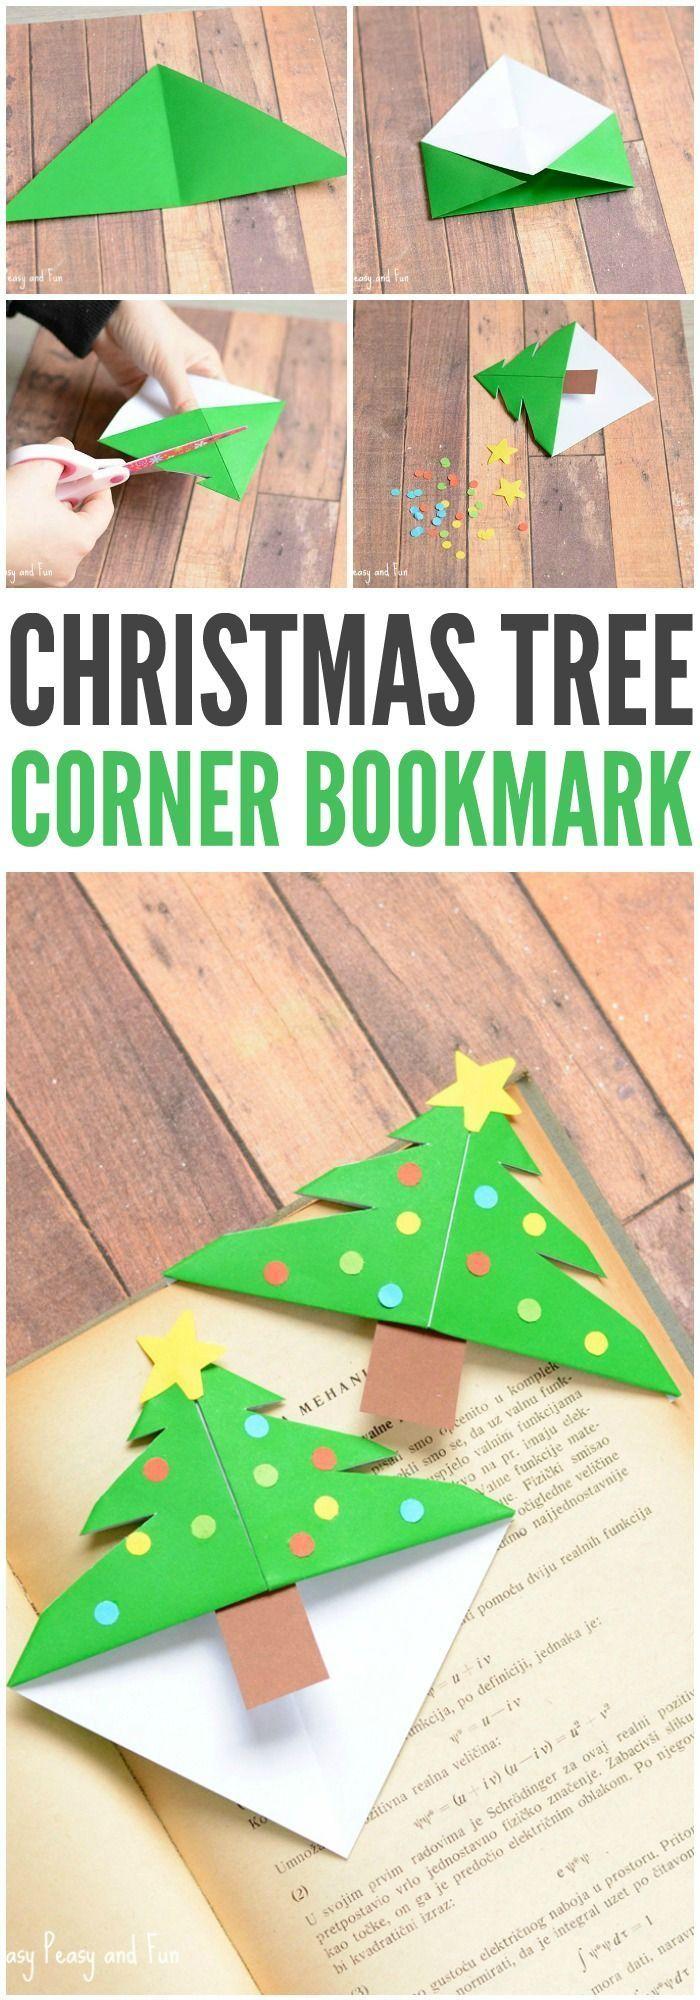 25 unique Christmas paper crafts ideas on Pinterest  Paper